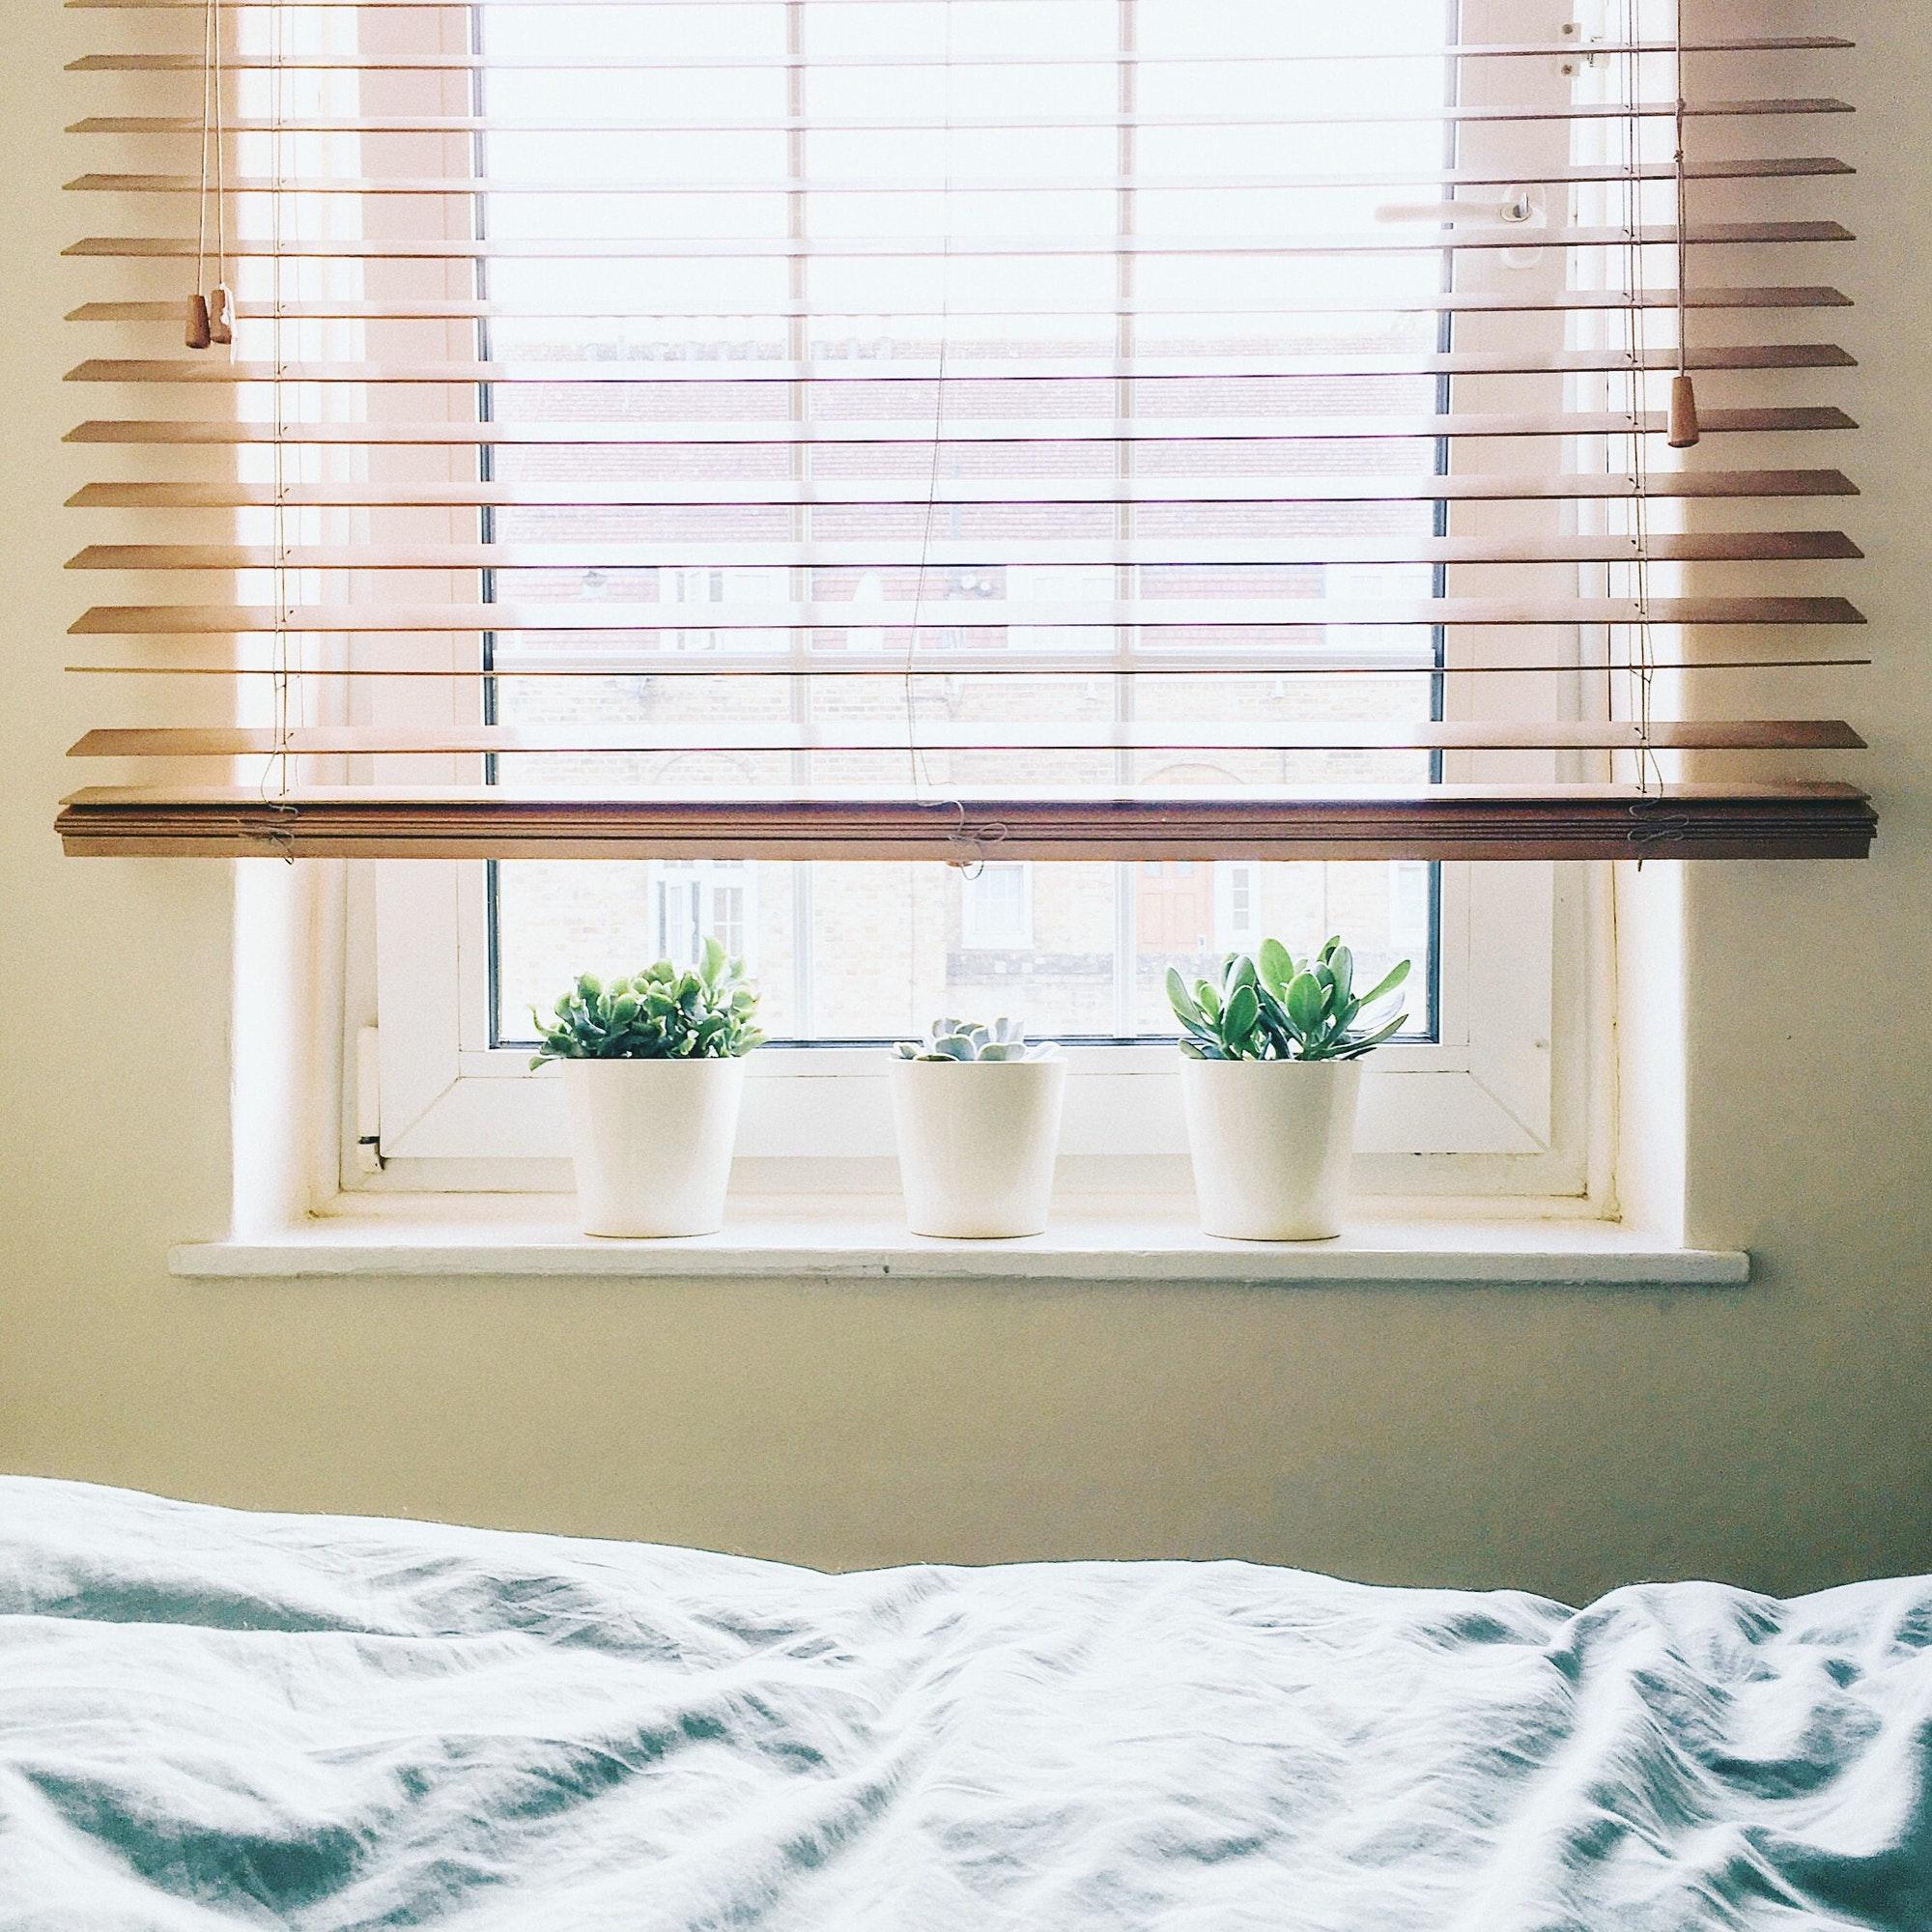 Home indoor plants on the window